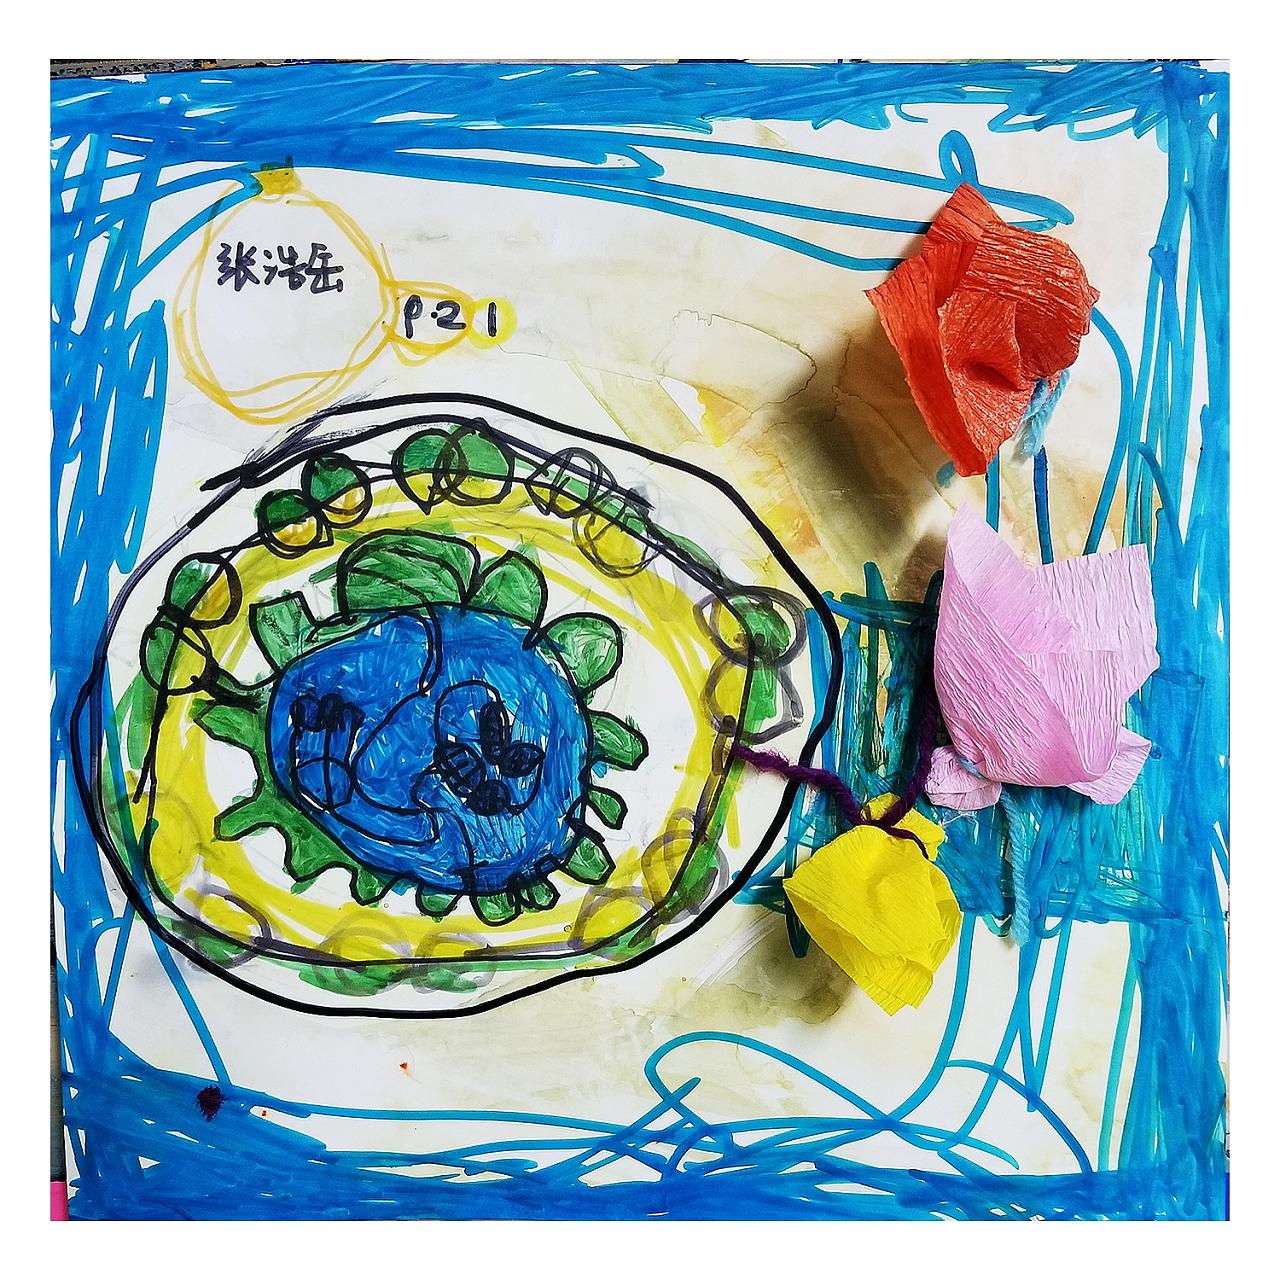 儿童手工制作画果盘